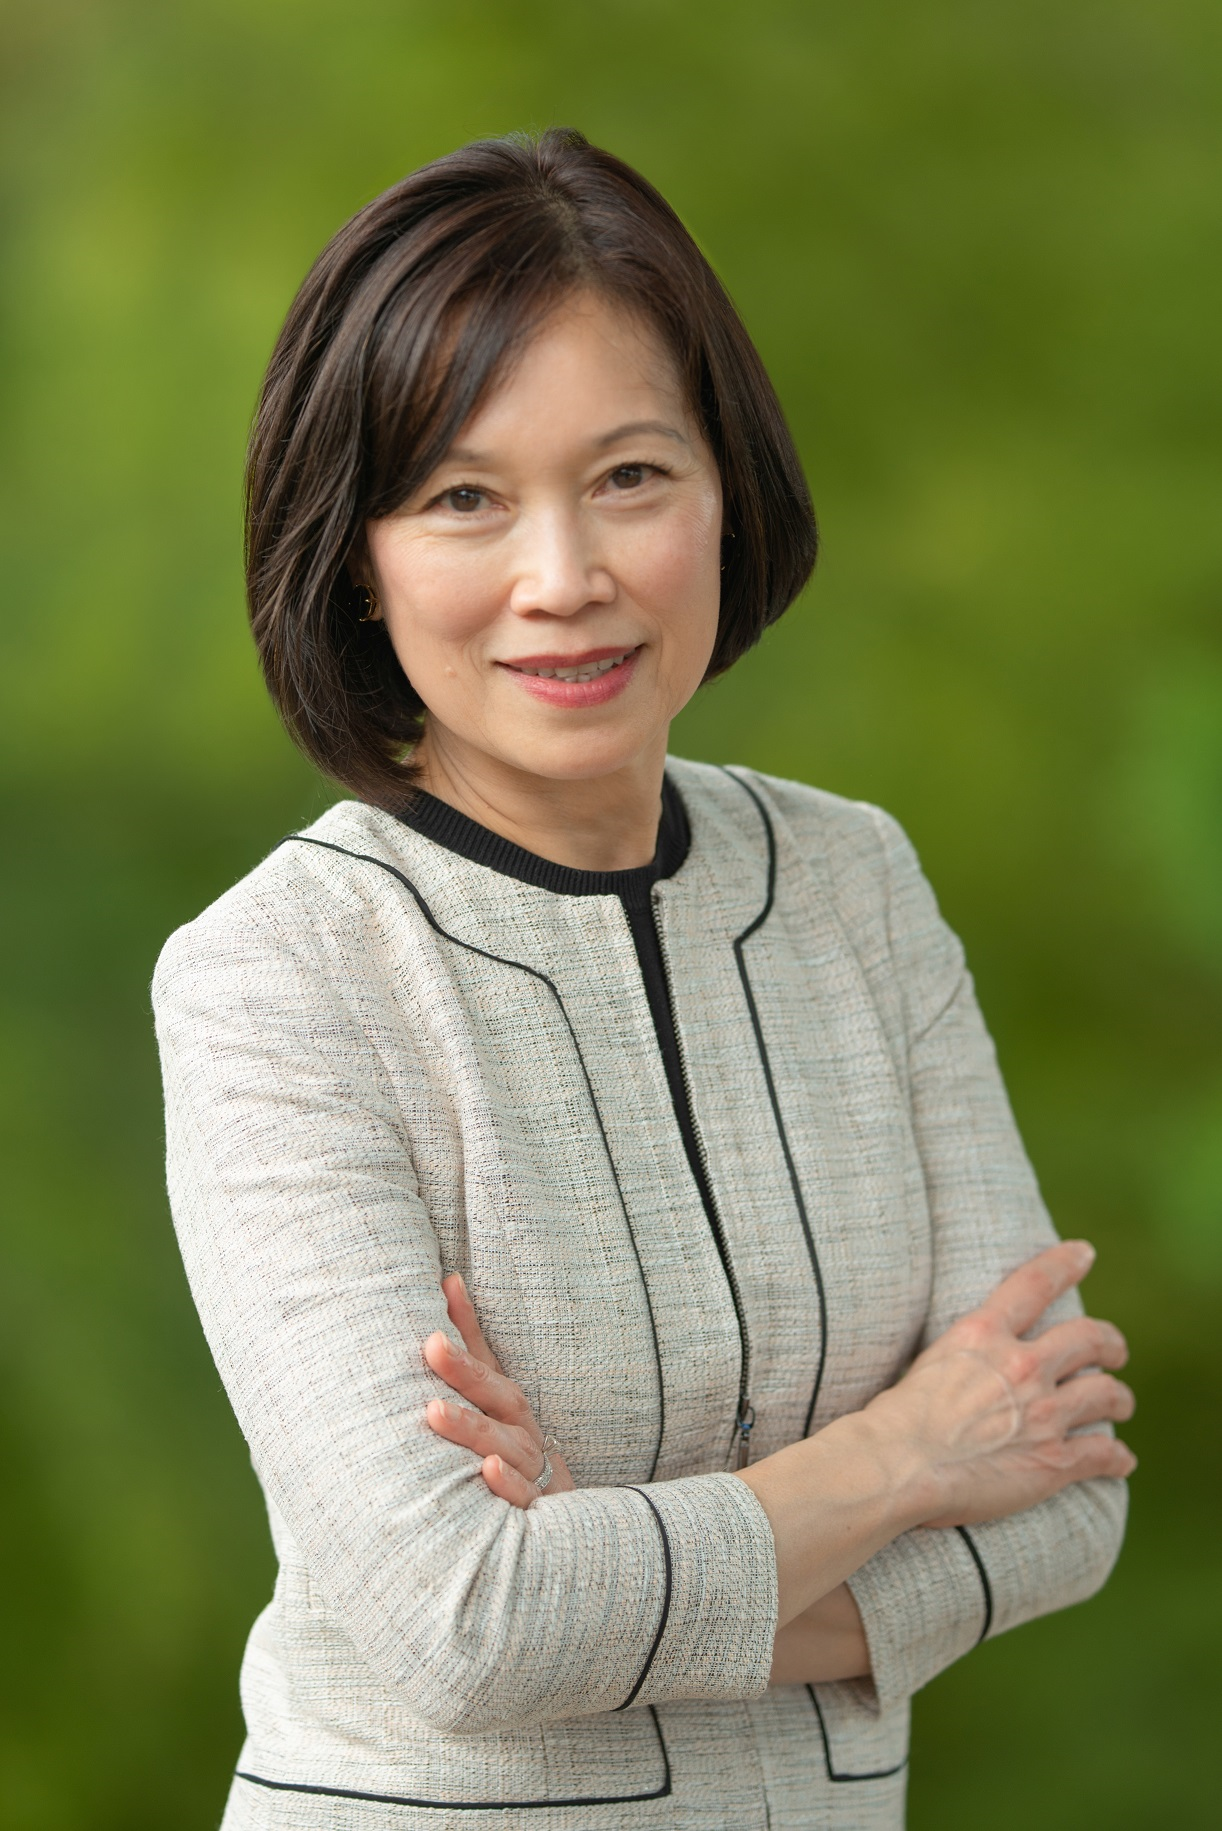 Kim-Ha Nguyen